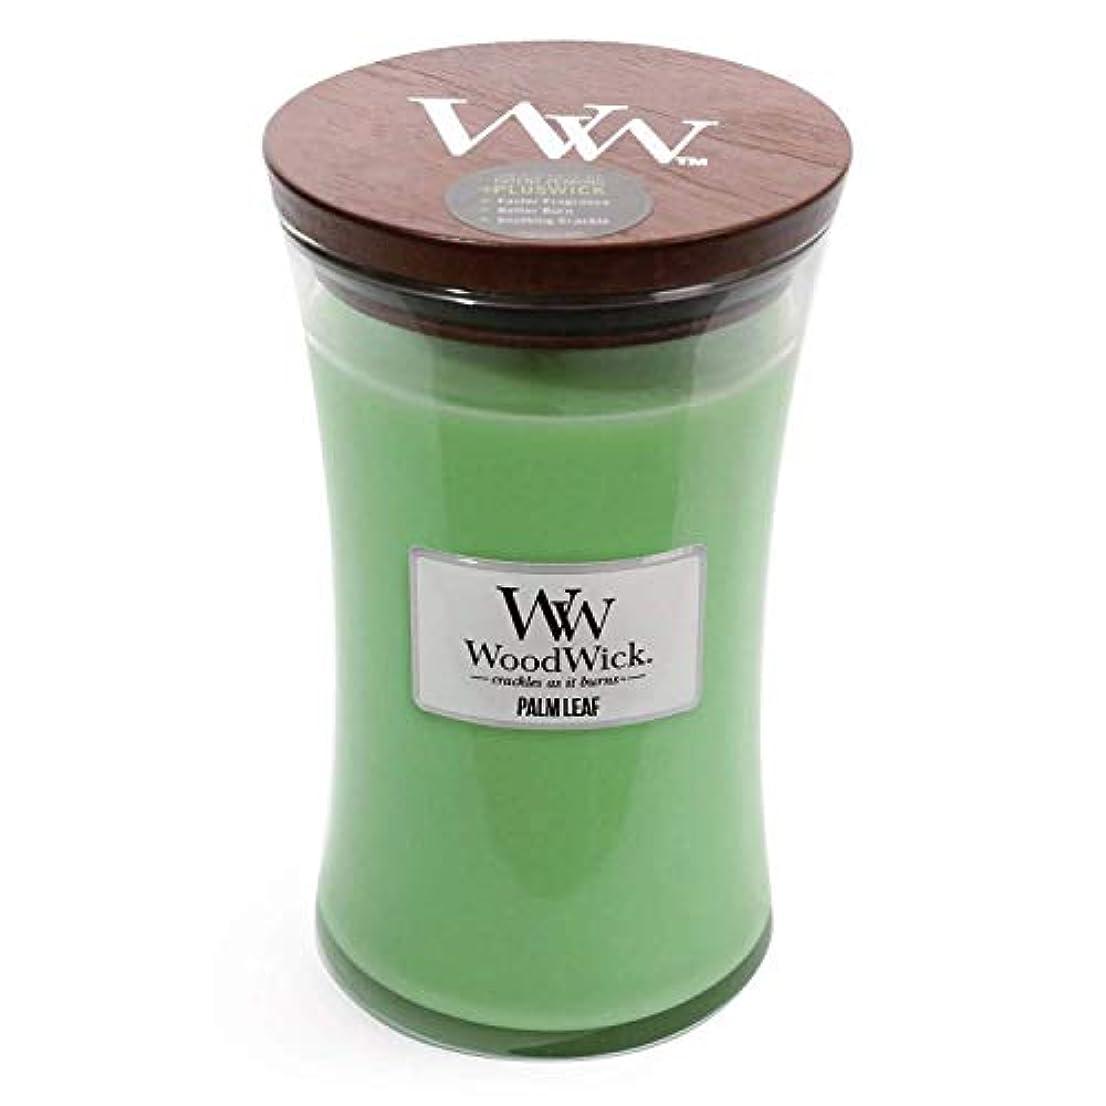 グレートバリアリーフ触手とてもPalm Leaf WoodWick 22 oz Large砂時計Jar Candle Burns 180時間